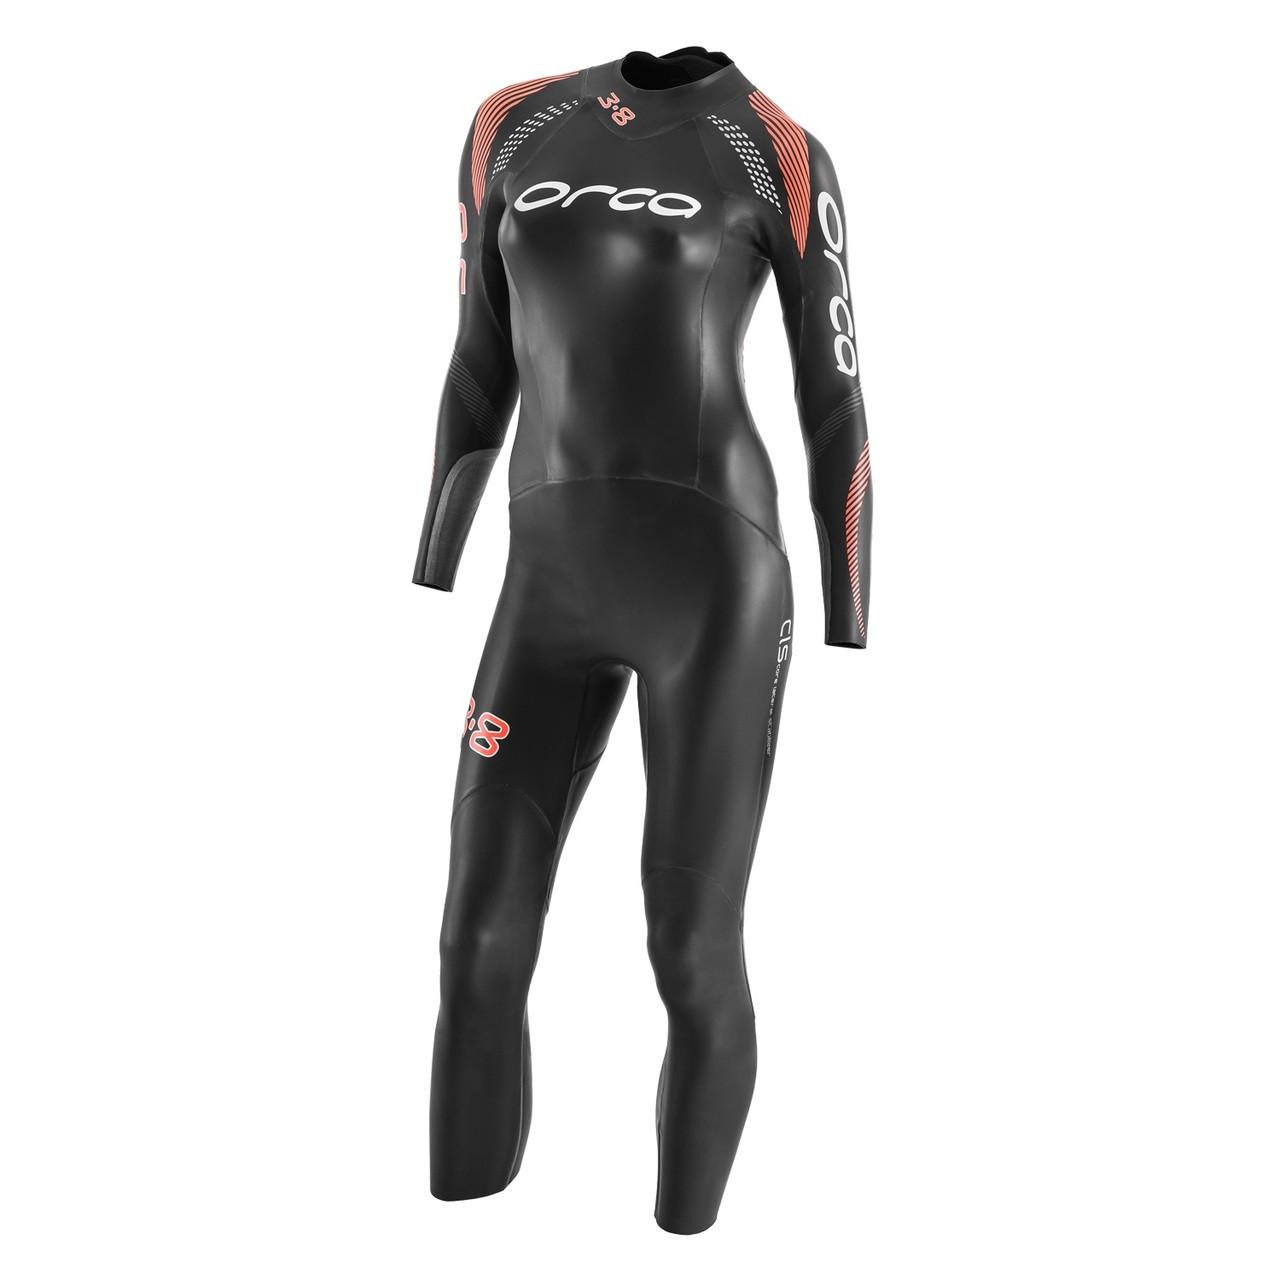 Orca Women's 3.8 Wetsuit - 2019 price